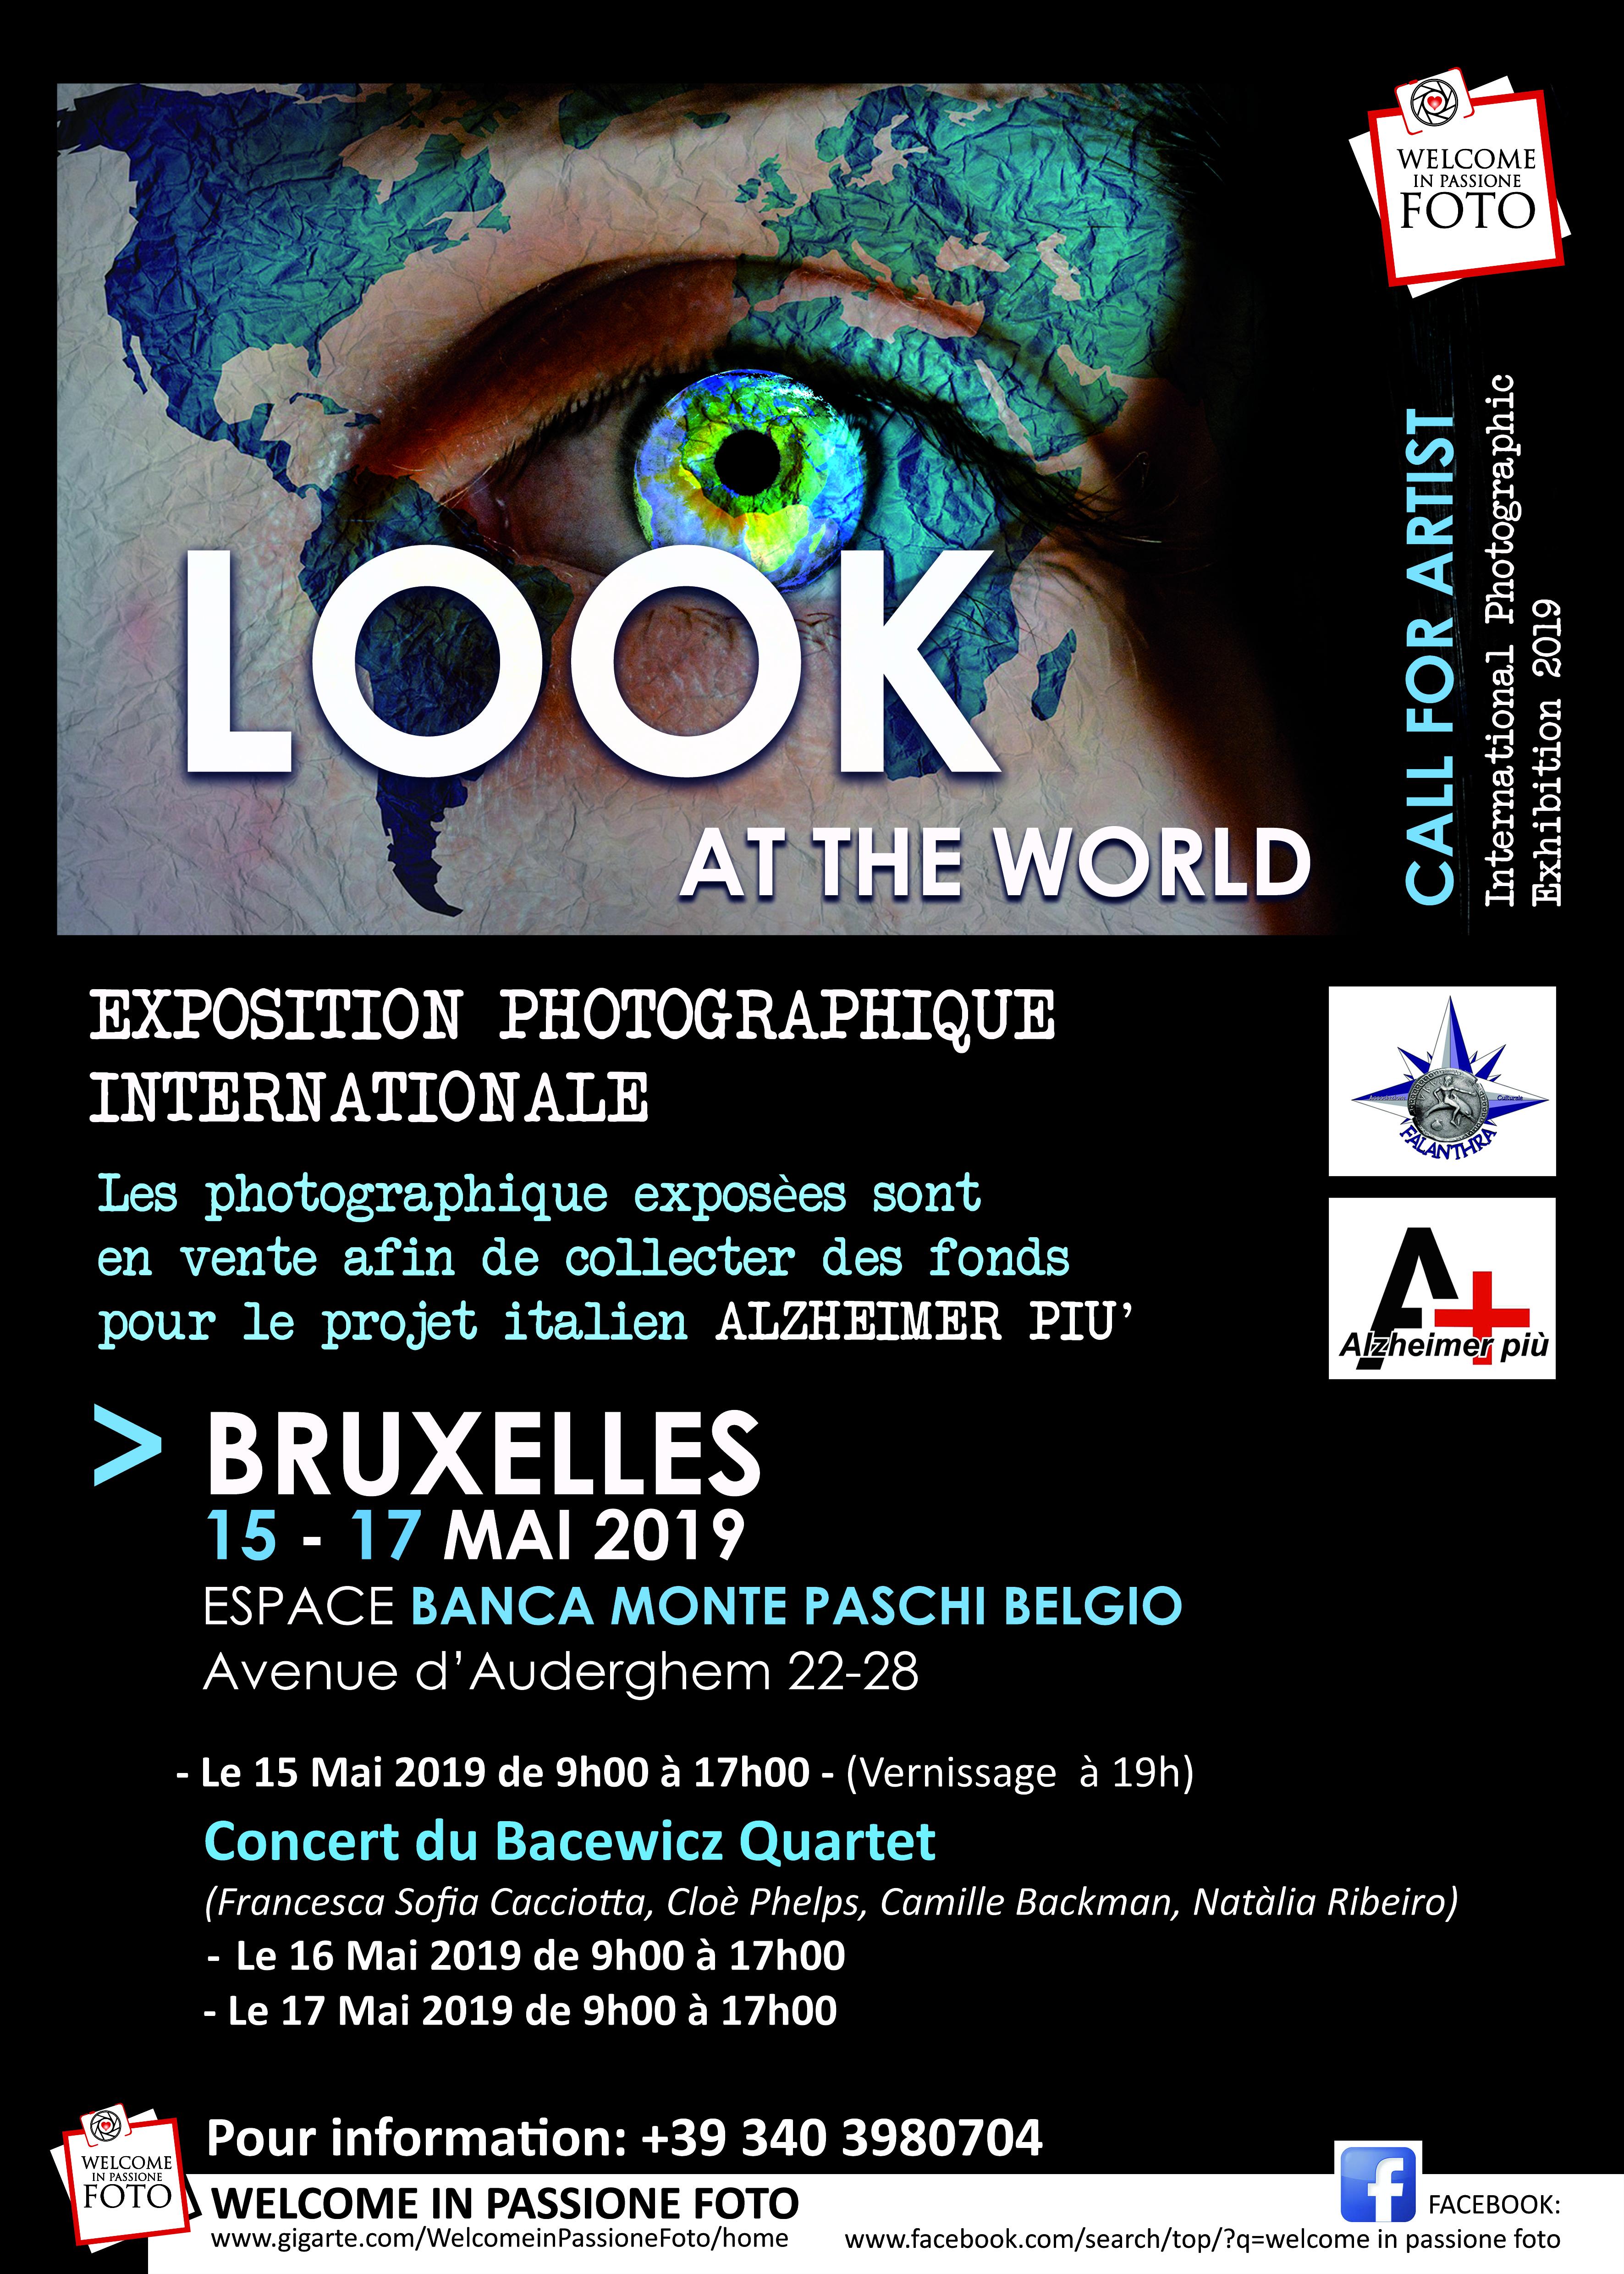 Esposizione fotografica internazionale / Inaugurazione 15 maggio 2019